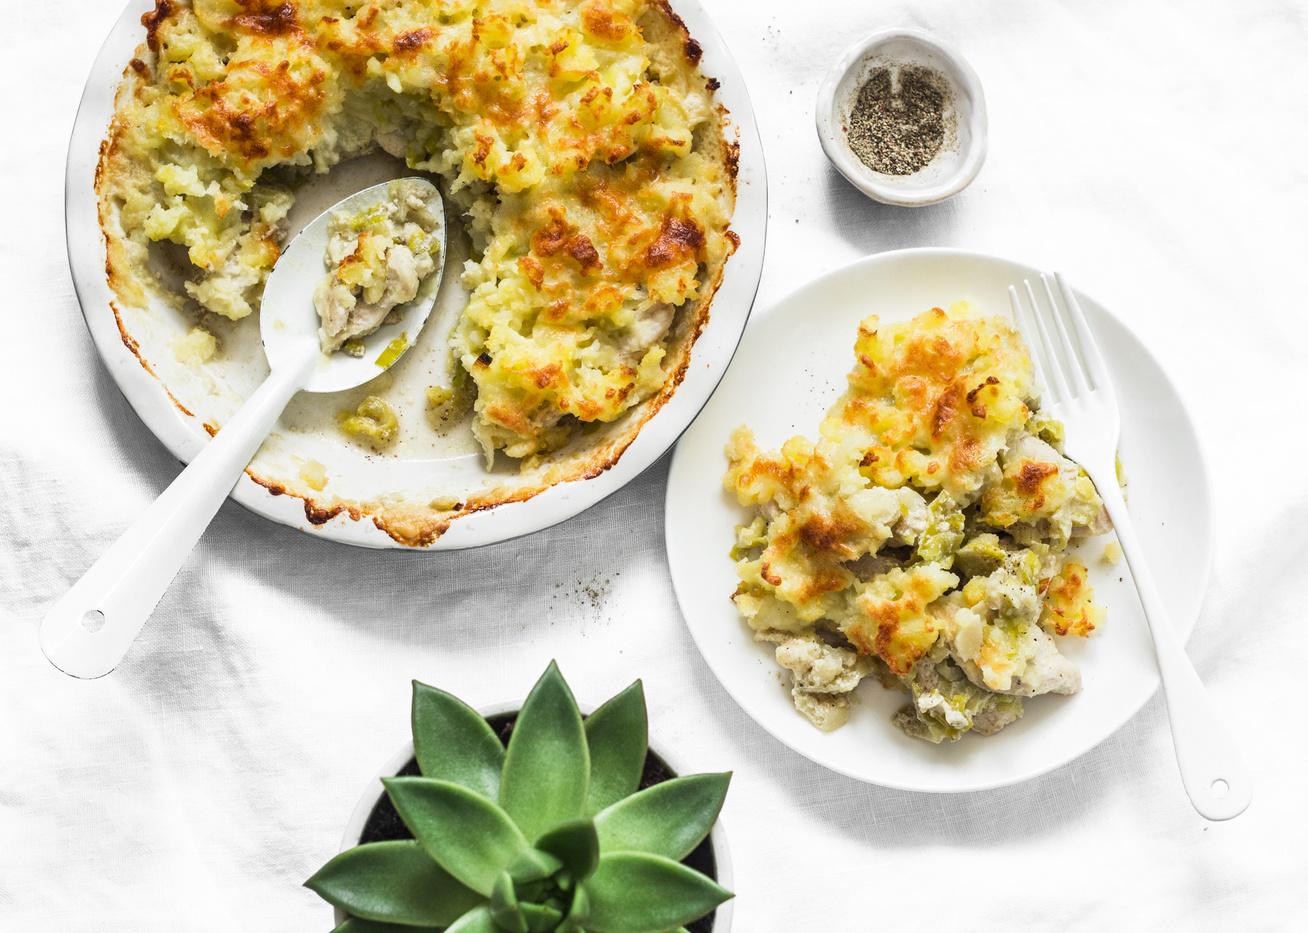 csirkes-karfiolos-rakott-krumpli